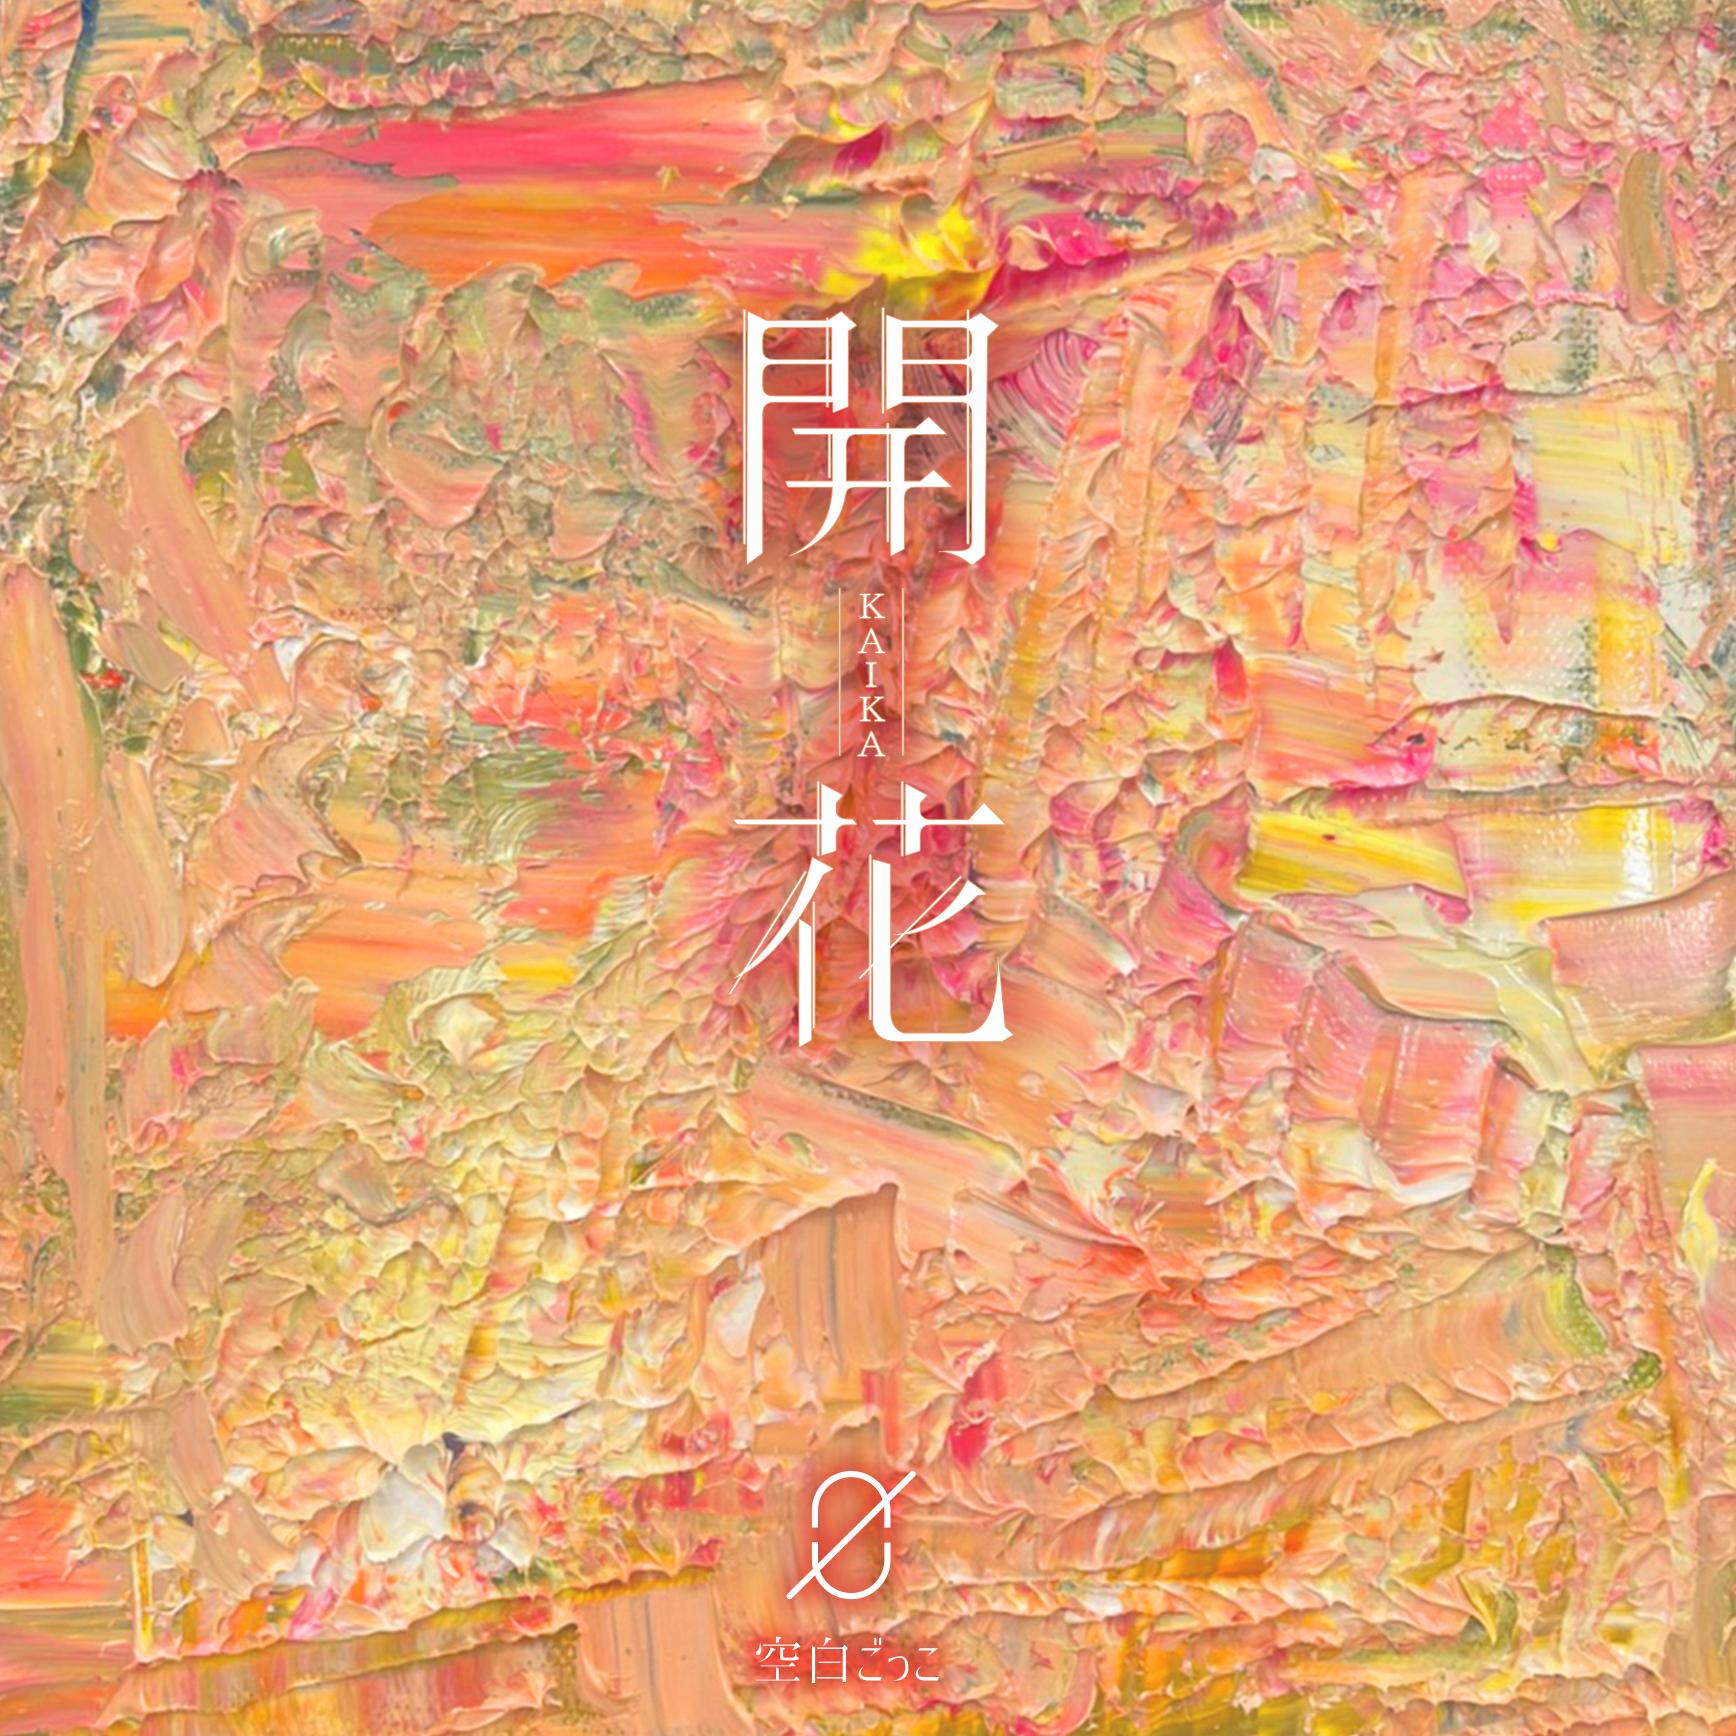 空白ごっこ 2nd EP『開花』初回限定盤